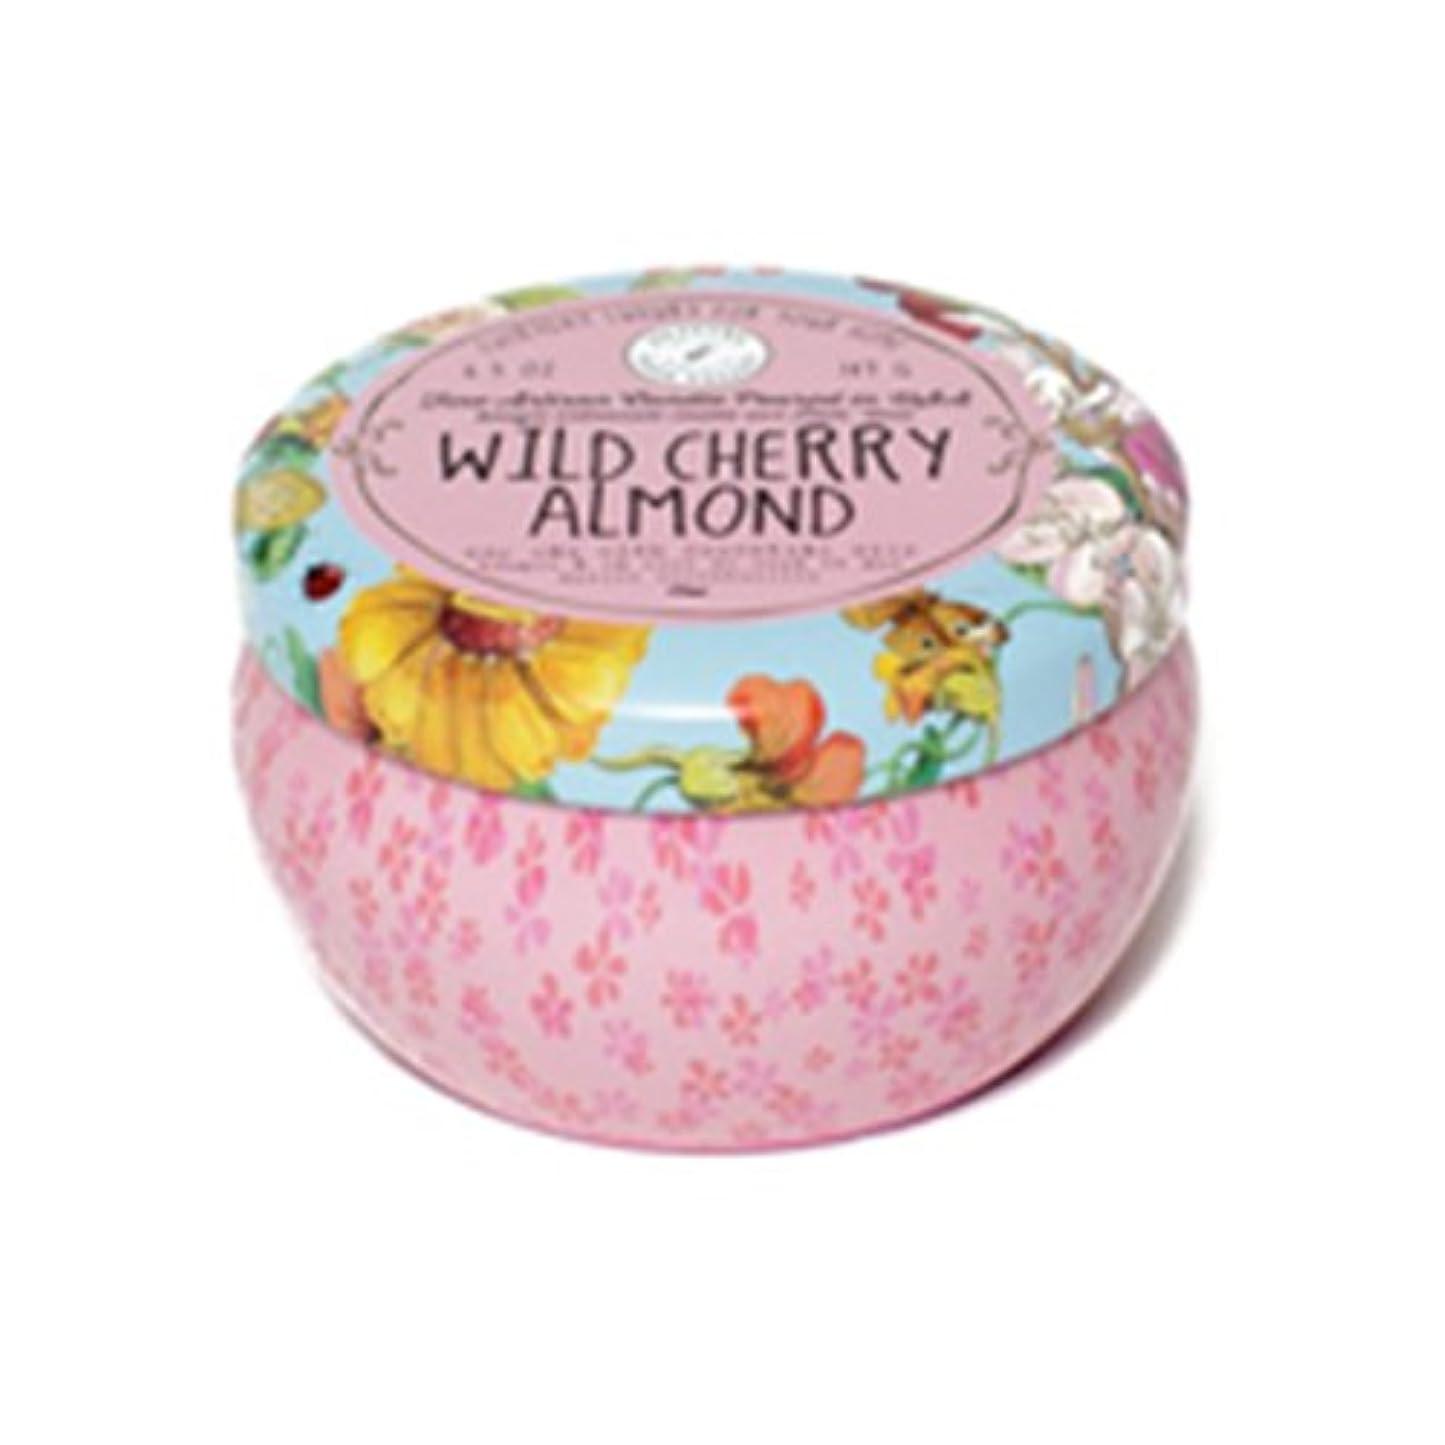 くしゃみ驚いたことにさようならNapa Valley Apothecary wild cherry almond ワイルドチェリーアーモンド 缶キャンドル tin candle ナパバレーアポセカリー Olivina オリビーナ